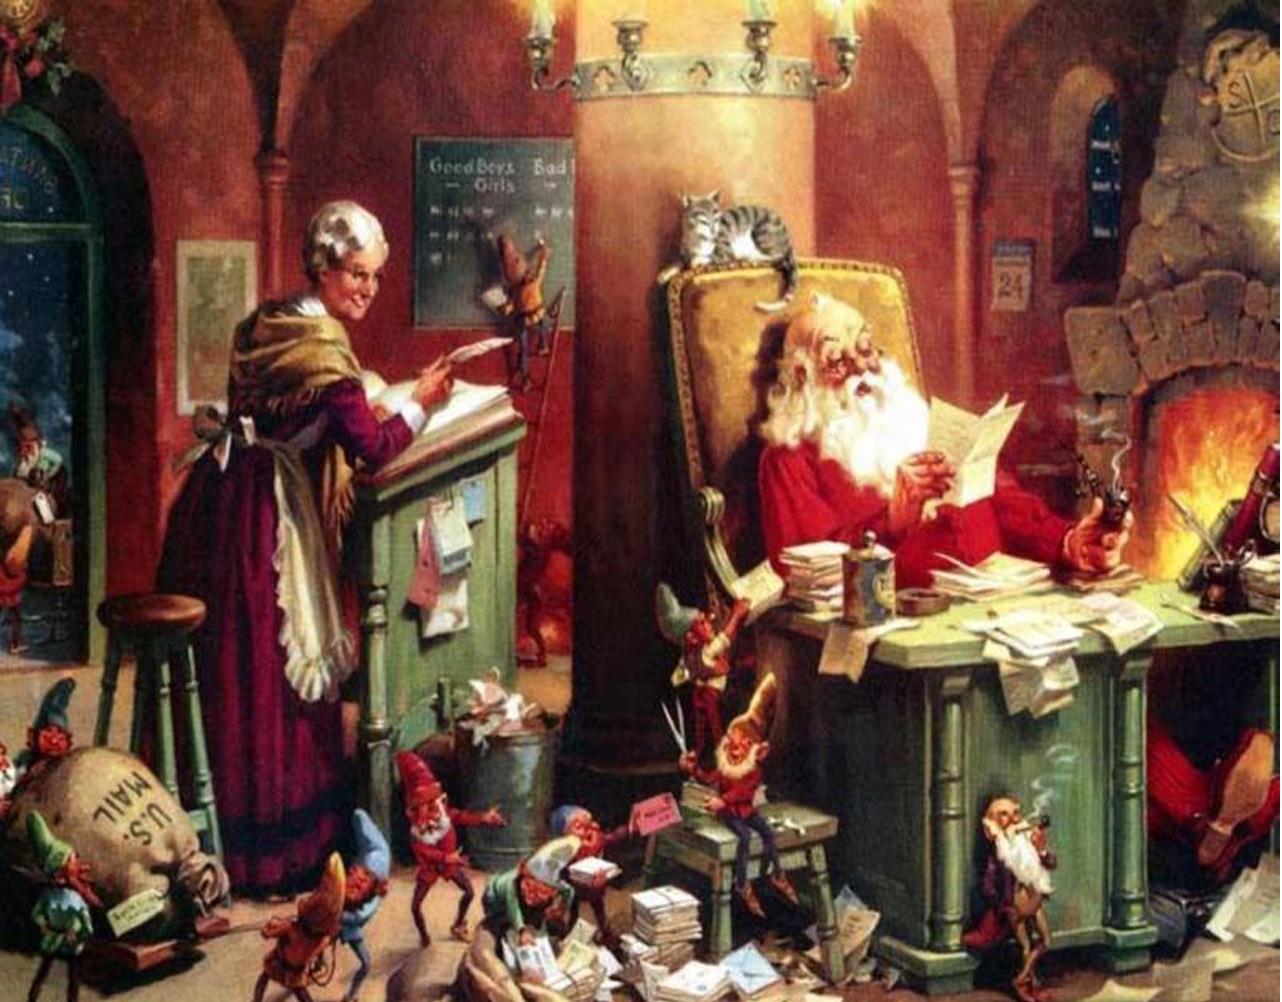 Come E Nata La Leggenda Di Babbo Natale.Storia E Leggenda Dei Folletti Di Babbo Natale